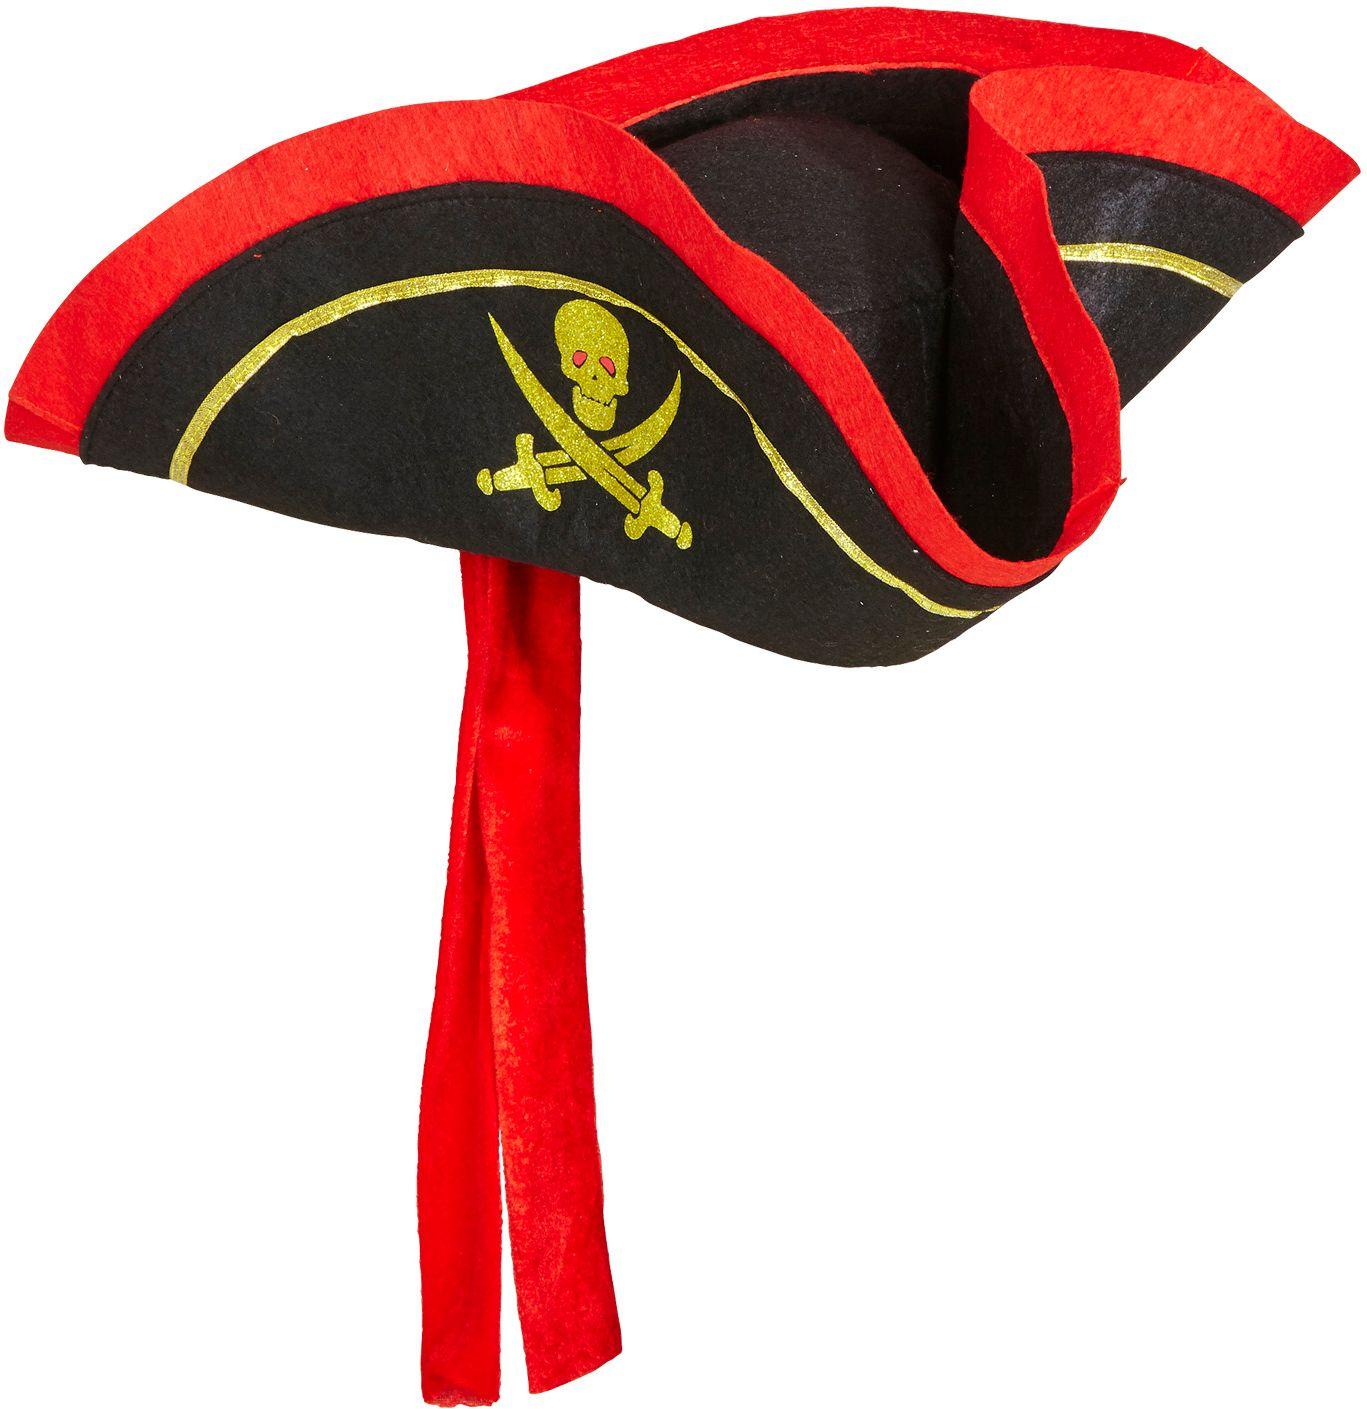 Zwarte piraten tricorn hoed